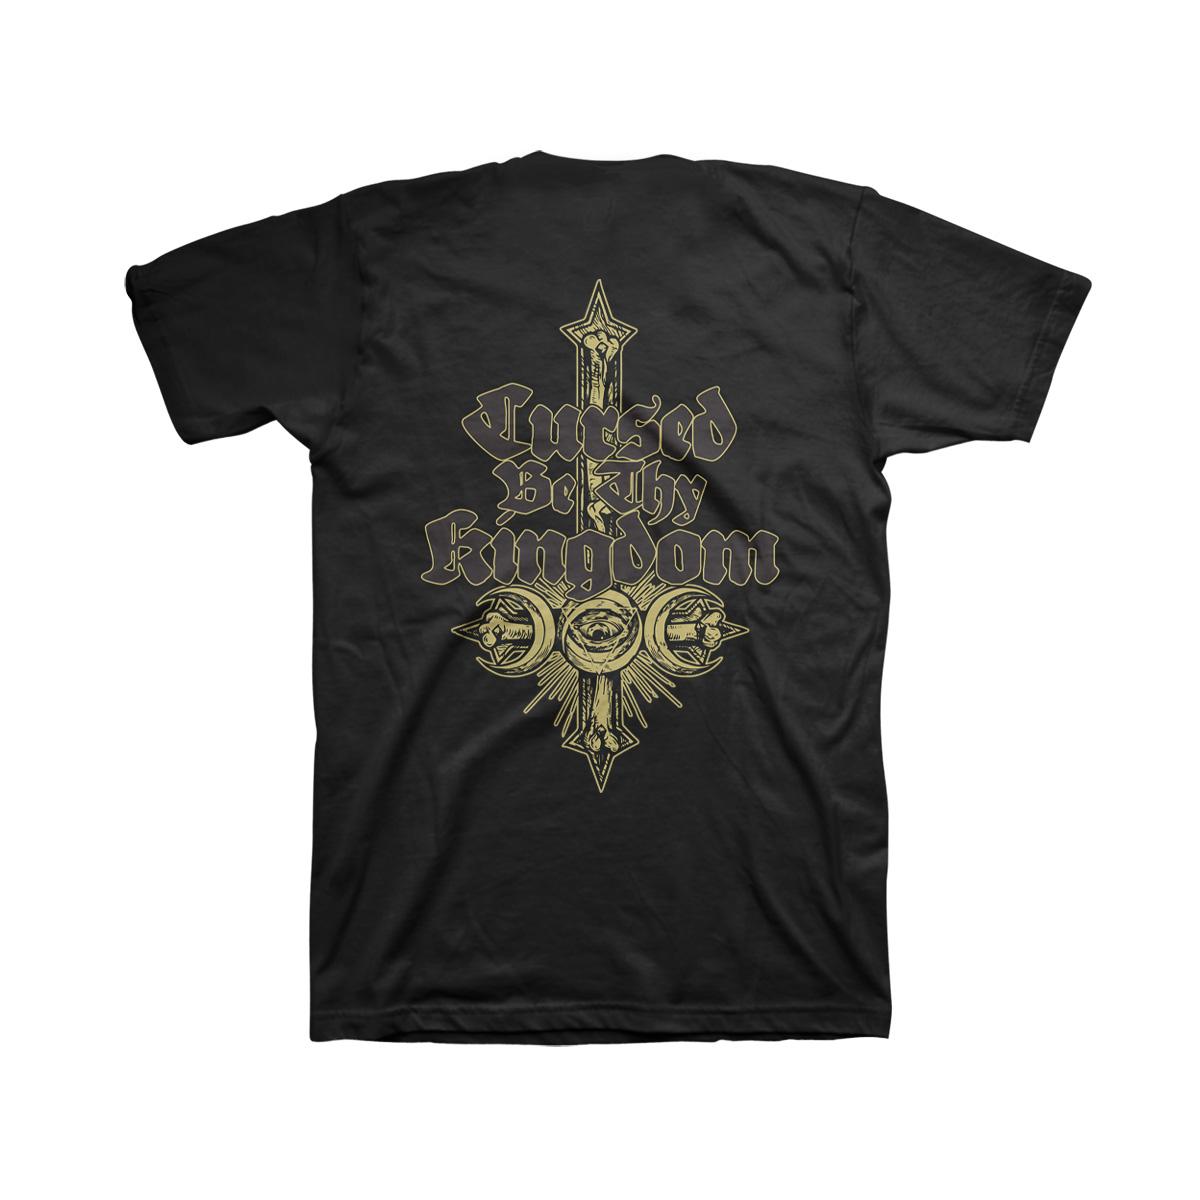 Bewitcher - Crossroads Black T-Shirt